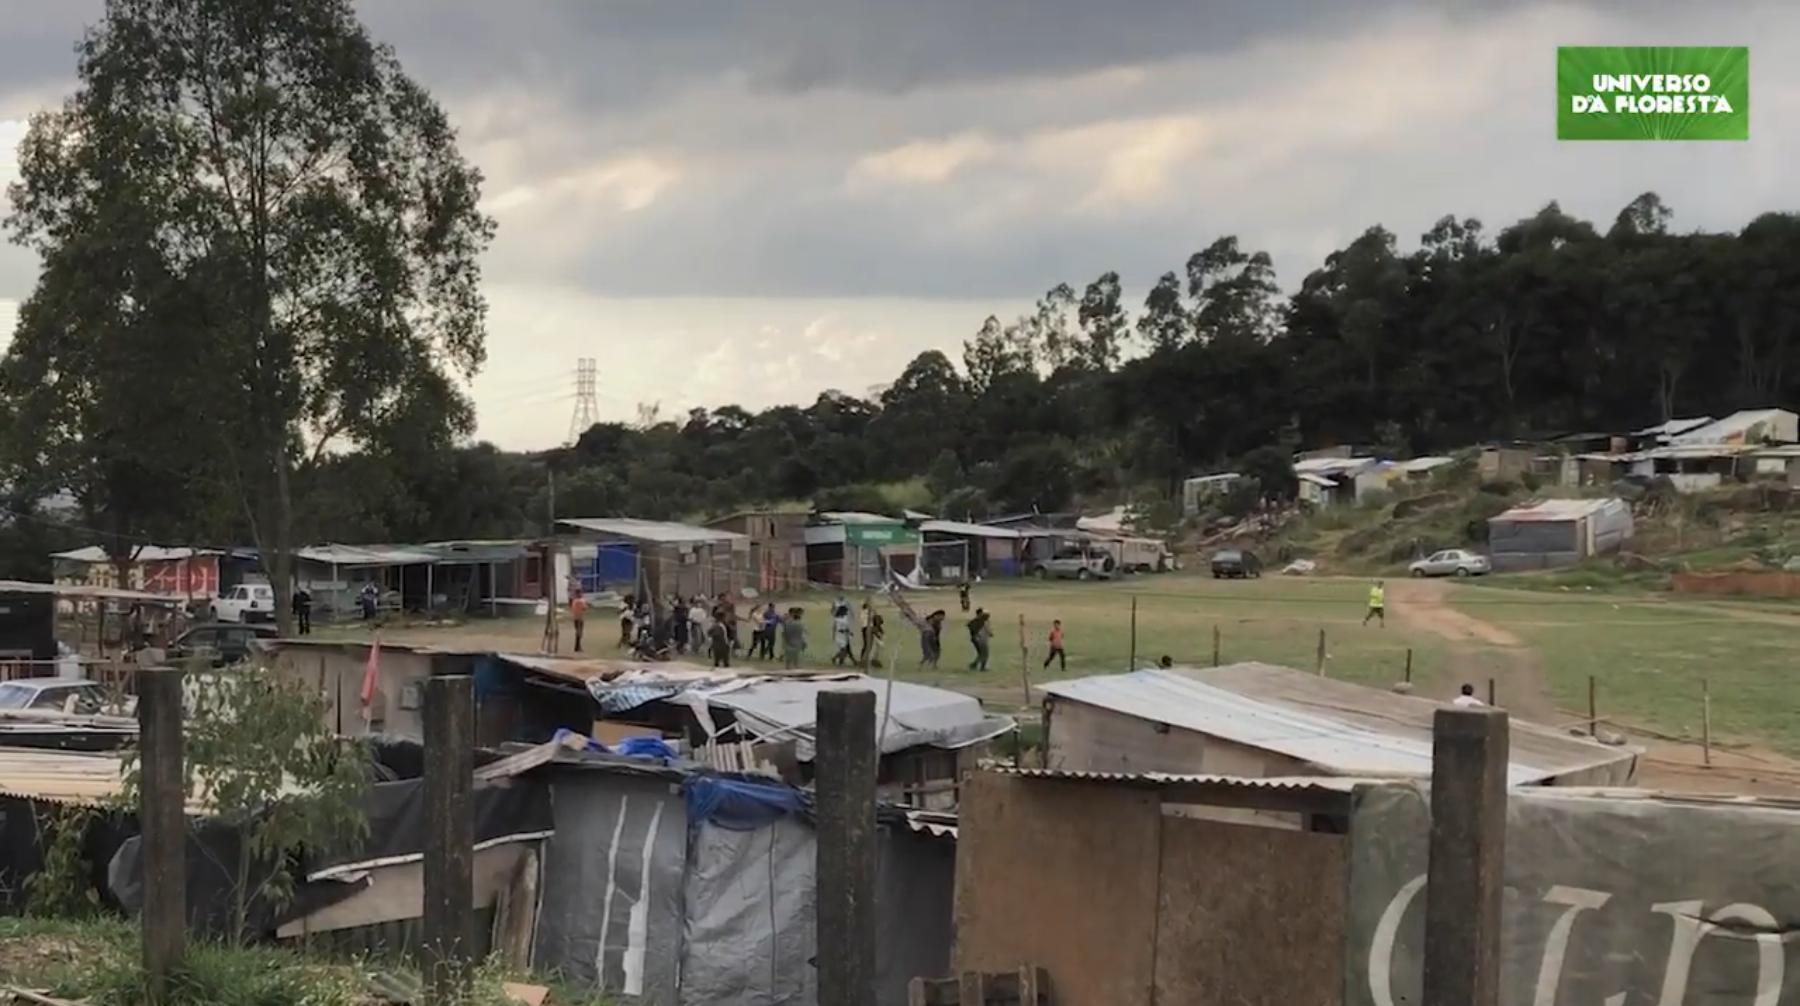 2020 07 07 - Campo de futebol vira horta orgânica para alimentar mais de mil famílias